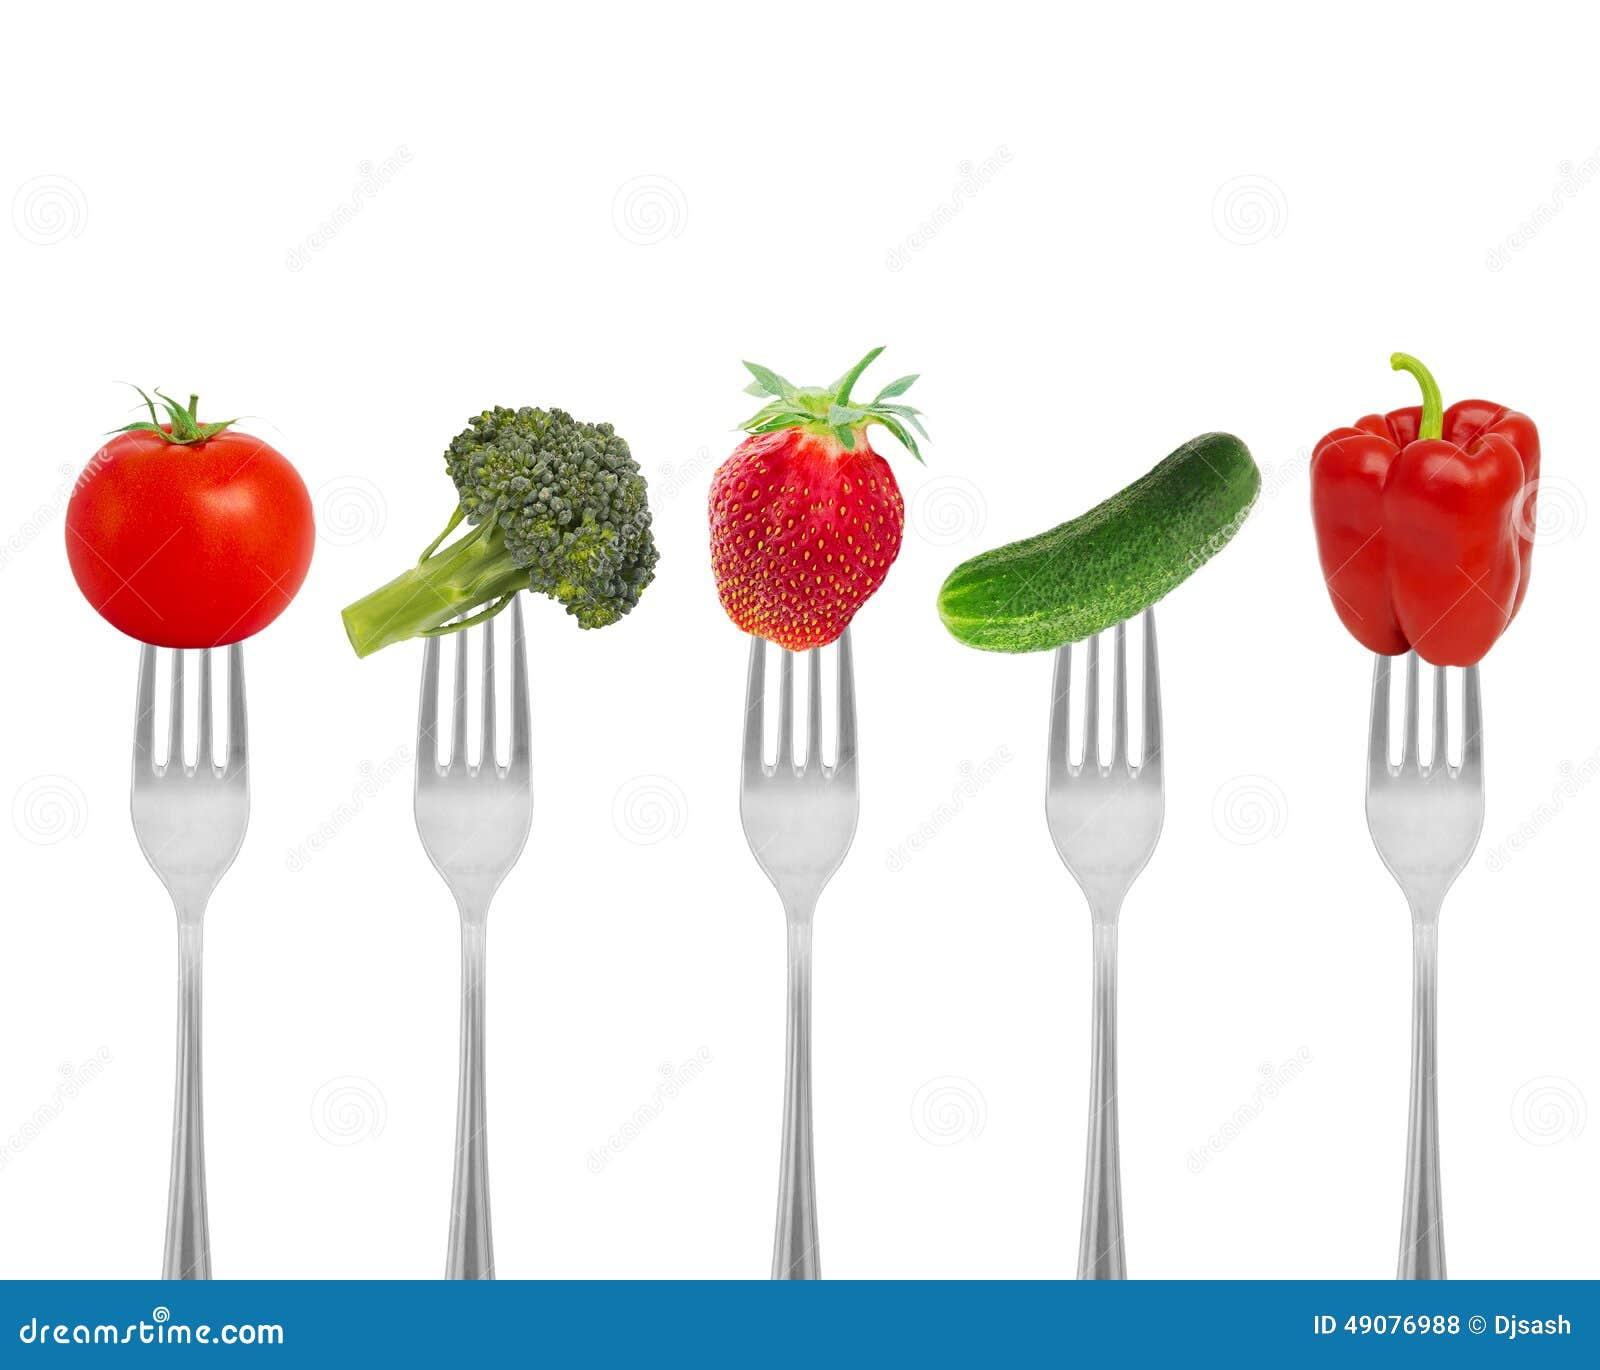 healthy-diet-organic-food-forks-vegetables-berries-concept-nutrition-49076988.jpg